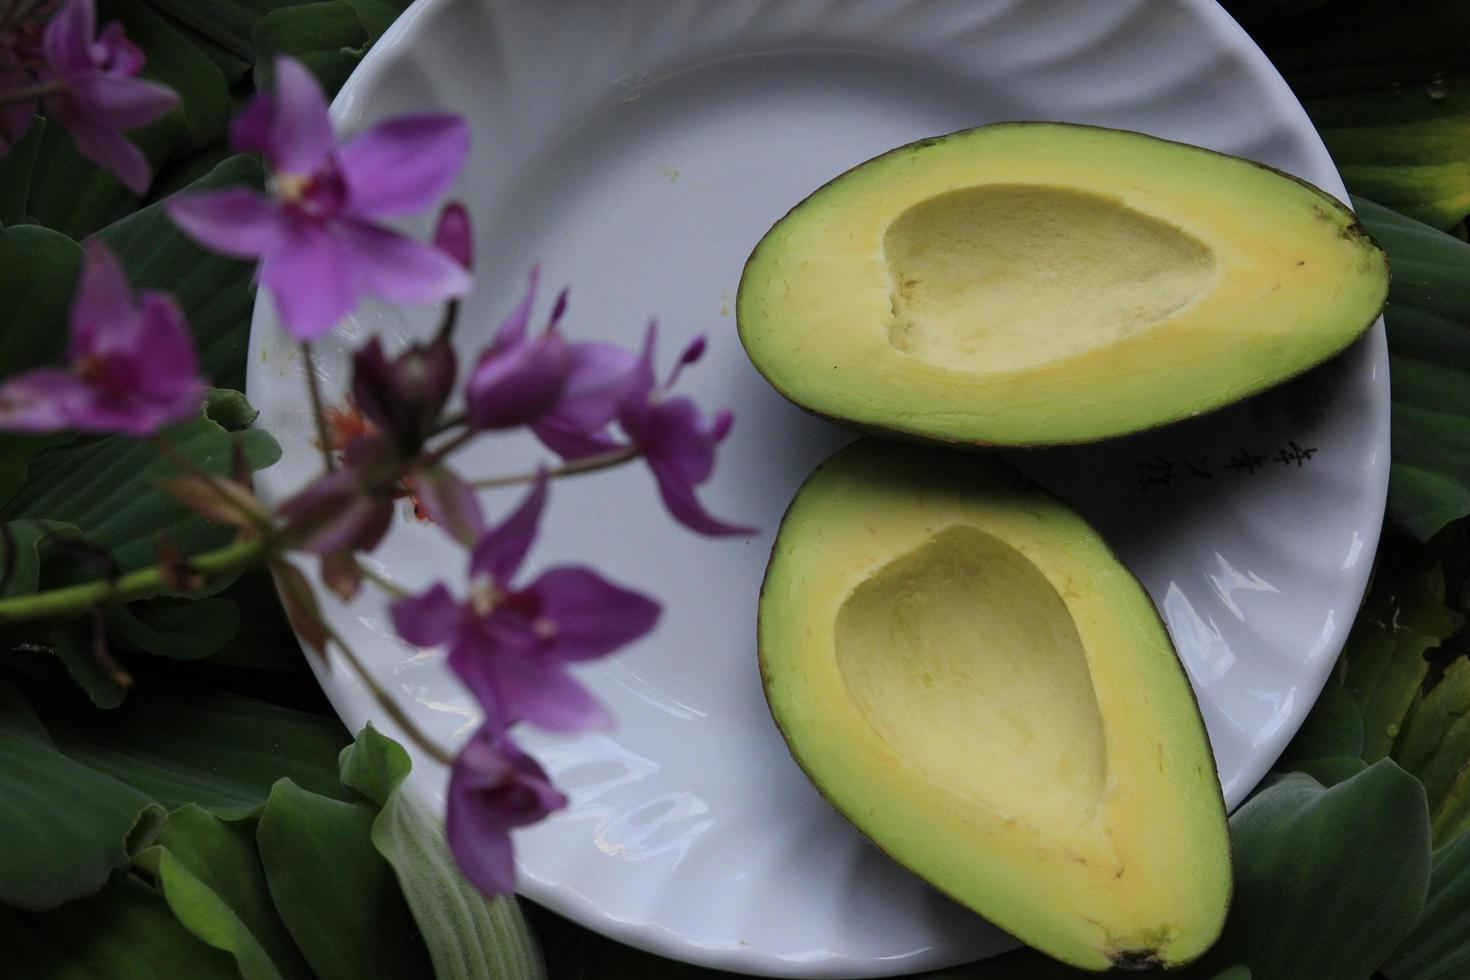 geschnittene Avocado auf weißer Keramikplatte foto